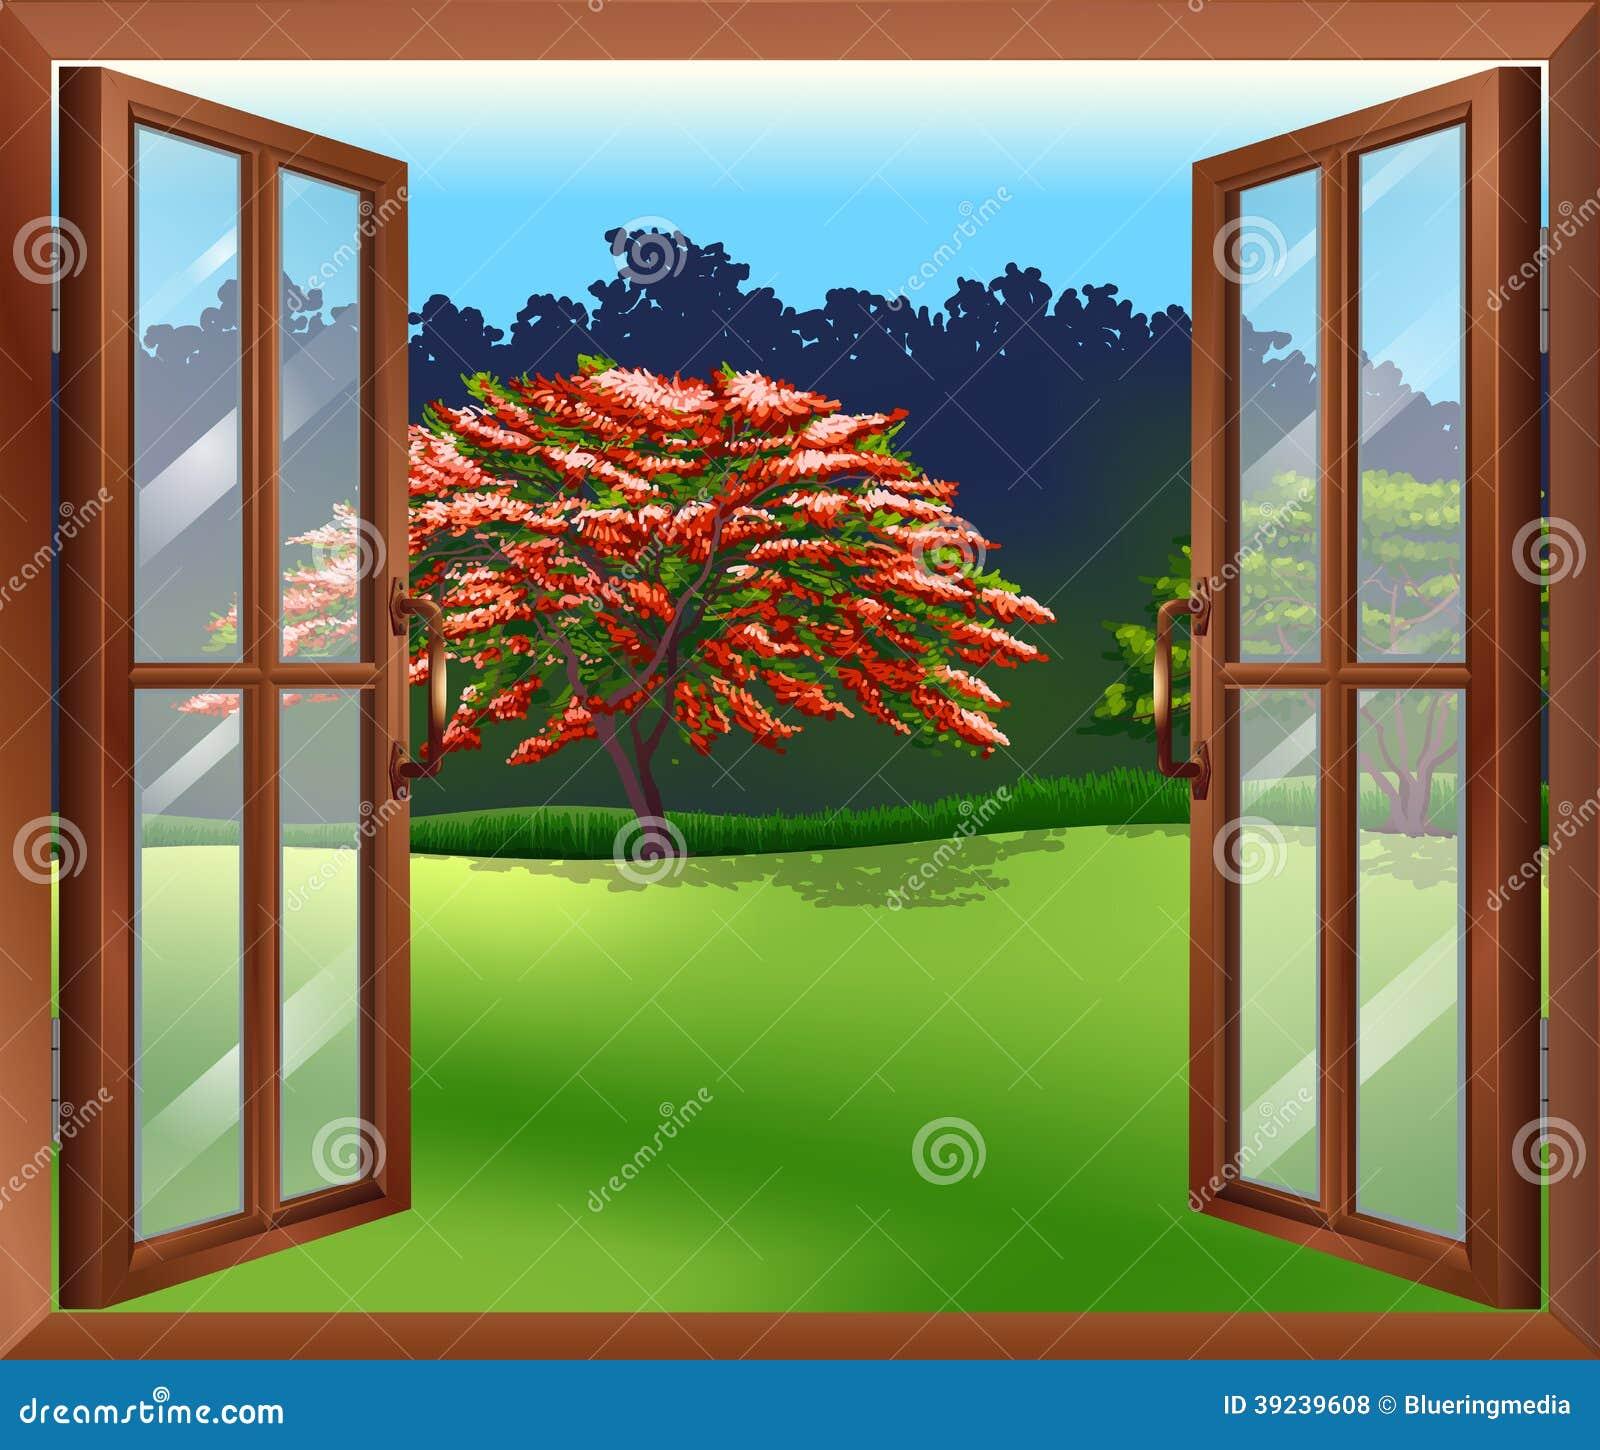 Offenes fenster  Ein Offenes Fenster Mit Blick Auf Den Großen Baum Vektor Abbildung ...